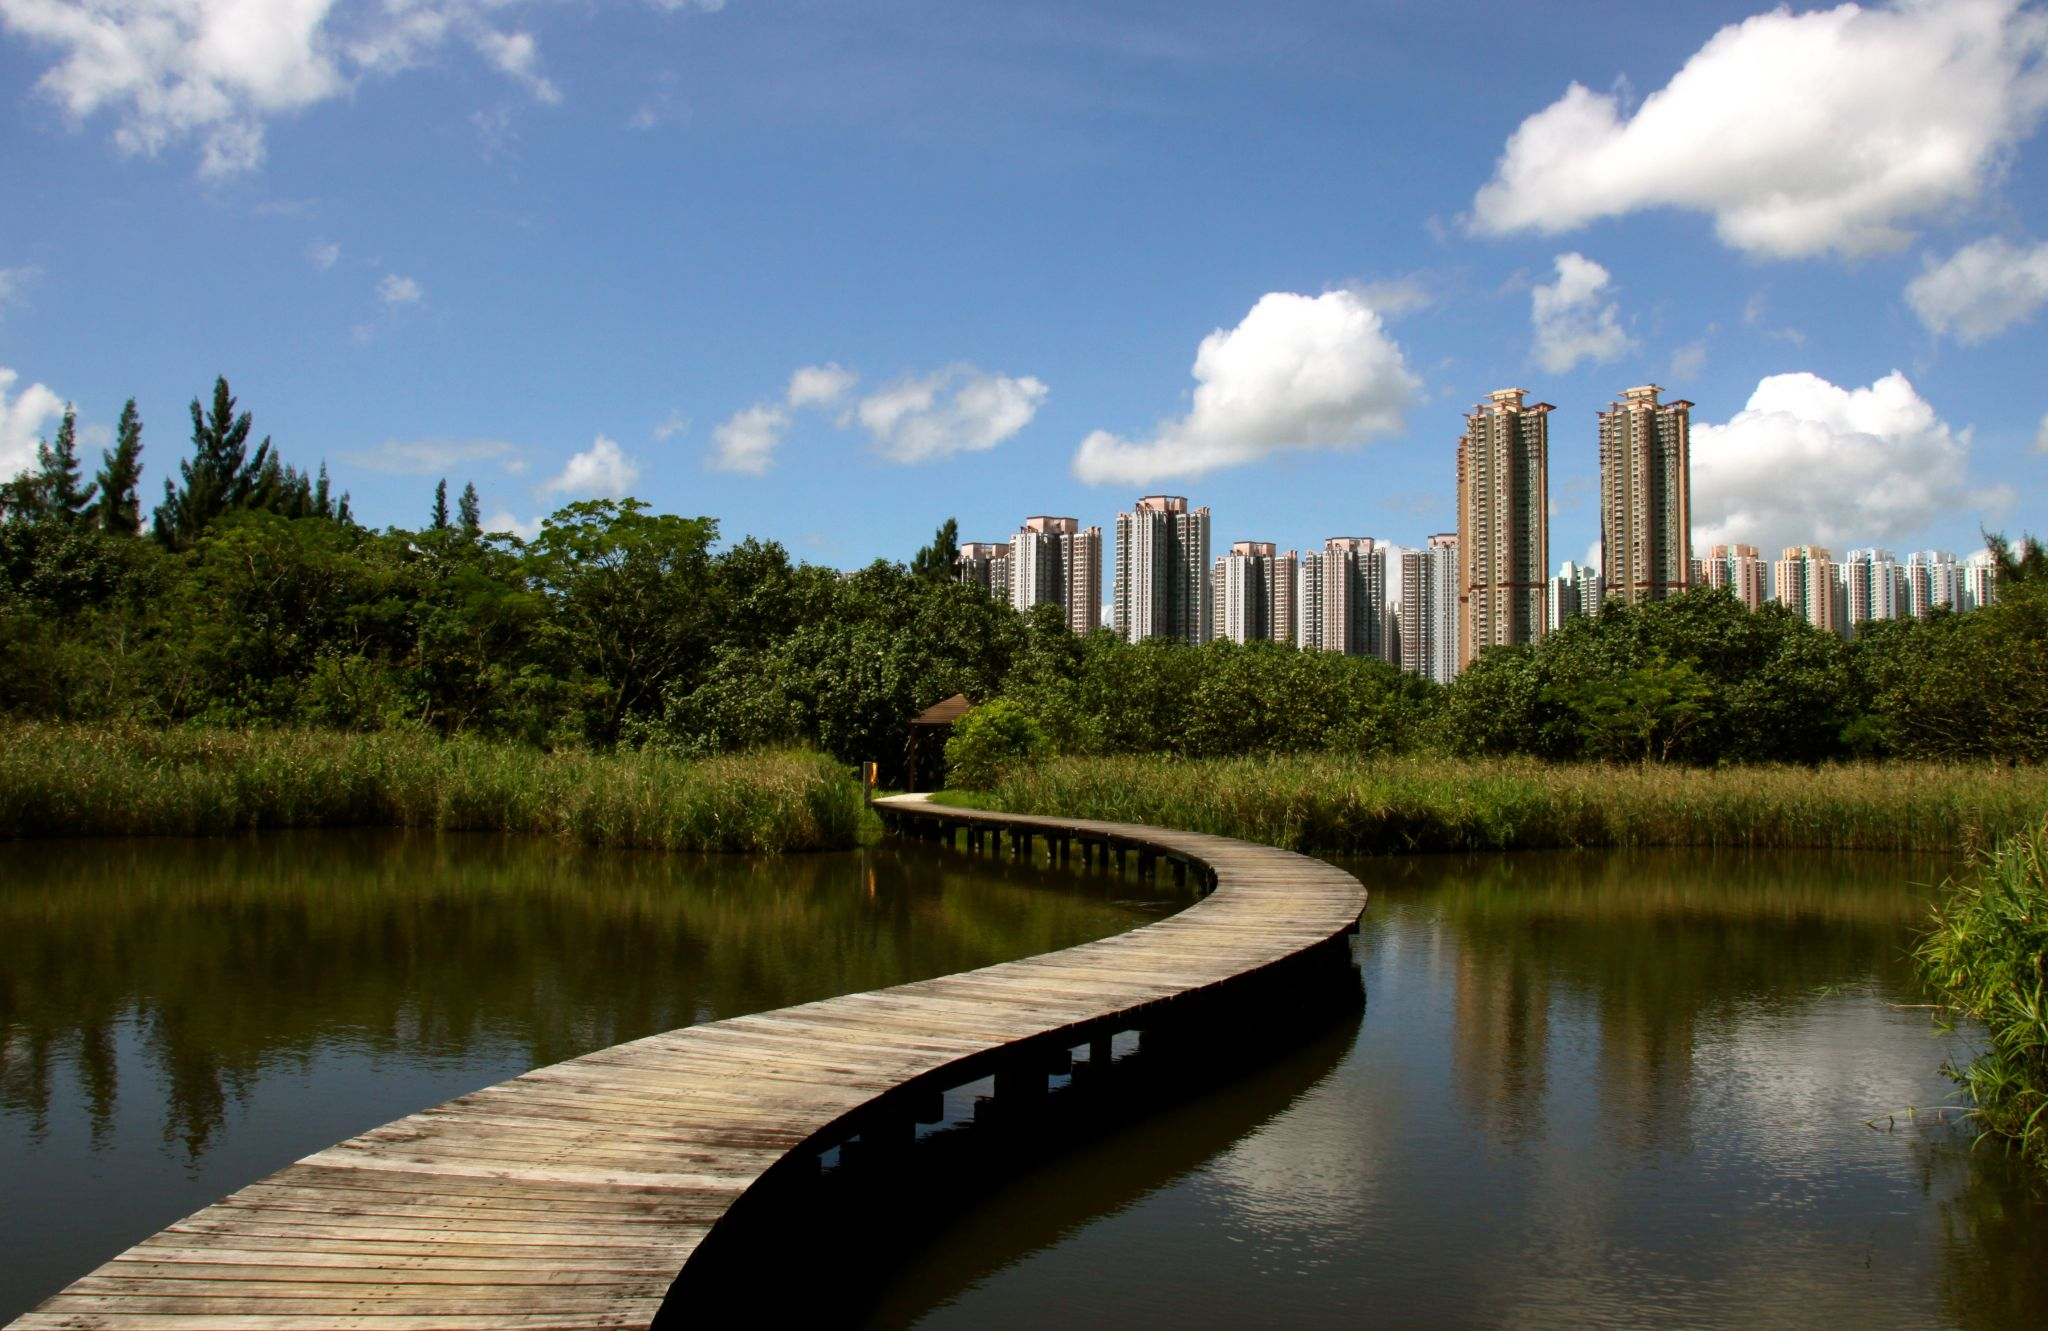 Hong Kong Wetland Park, Hong Kong